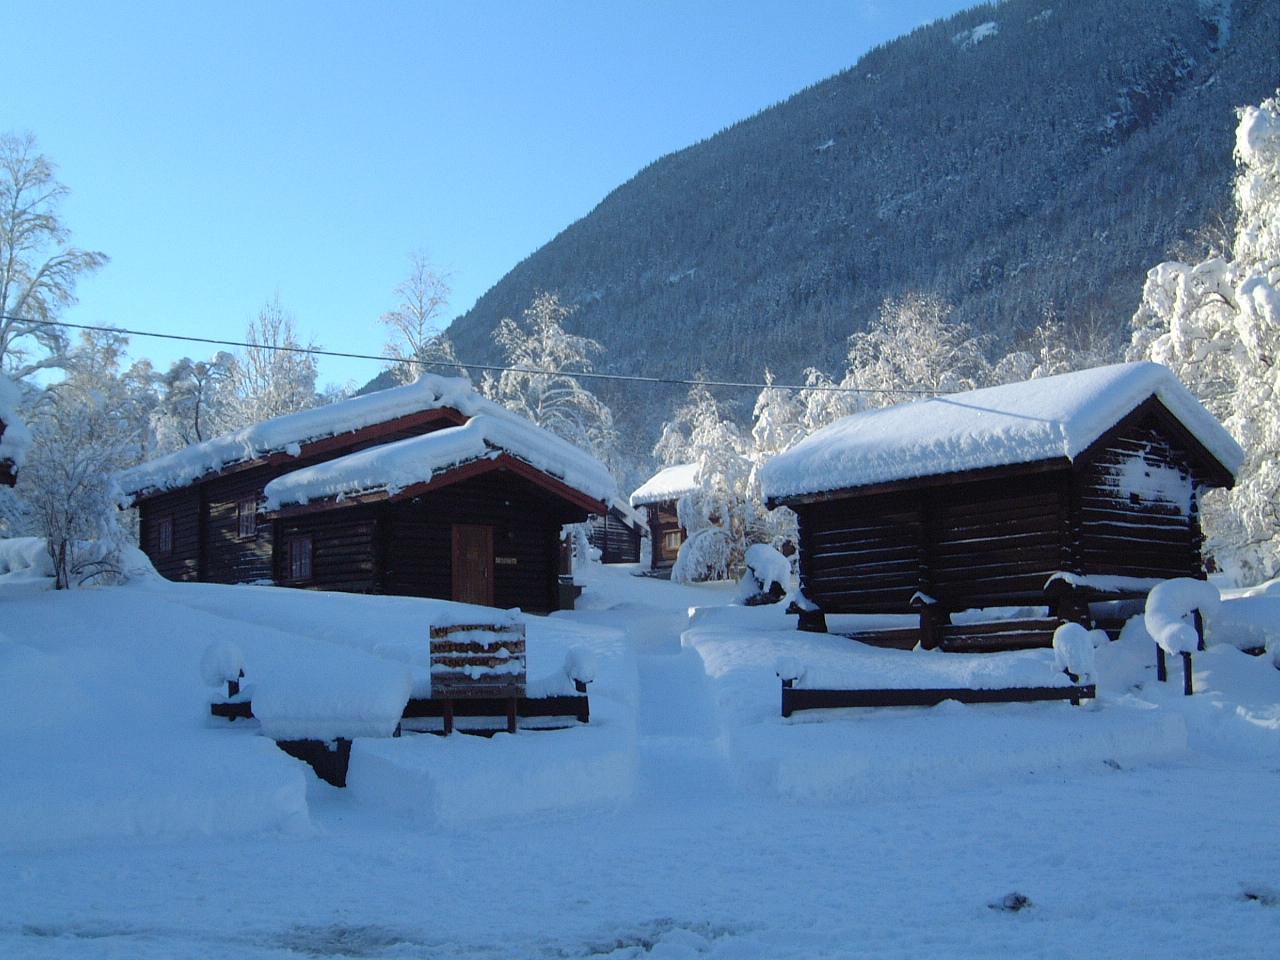 Rjukan Hytte og caravanpark har vinterisolerte hytter som gjør hytteutleie mulig hele året , © Rjukan Hytte og Caravanpark